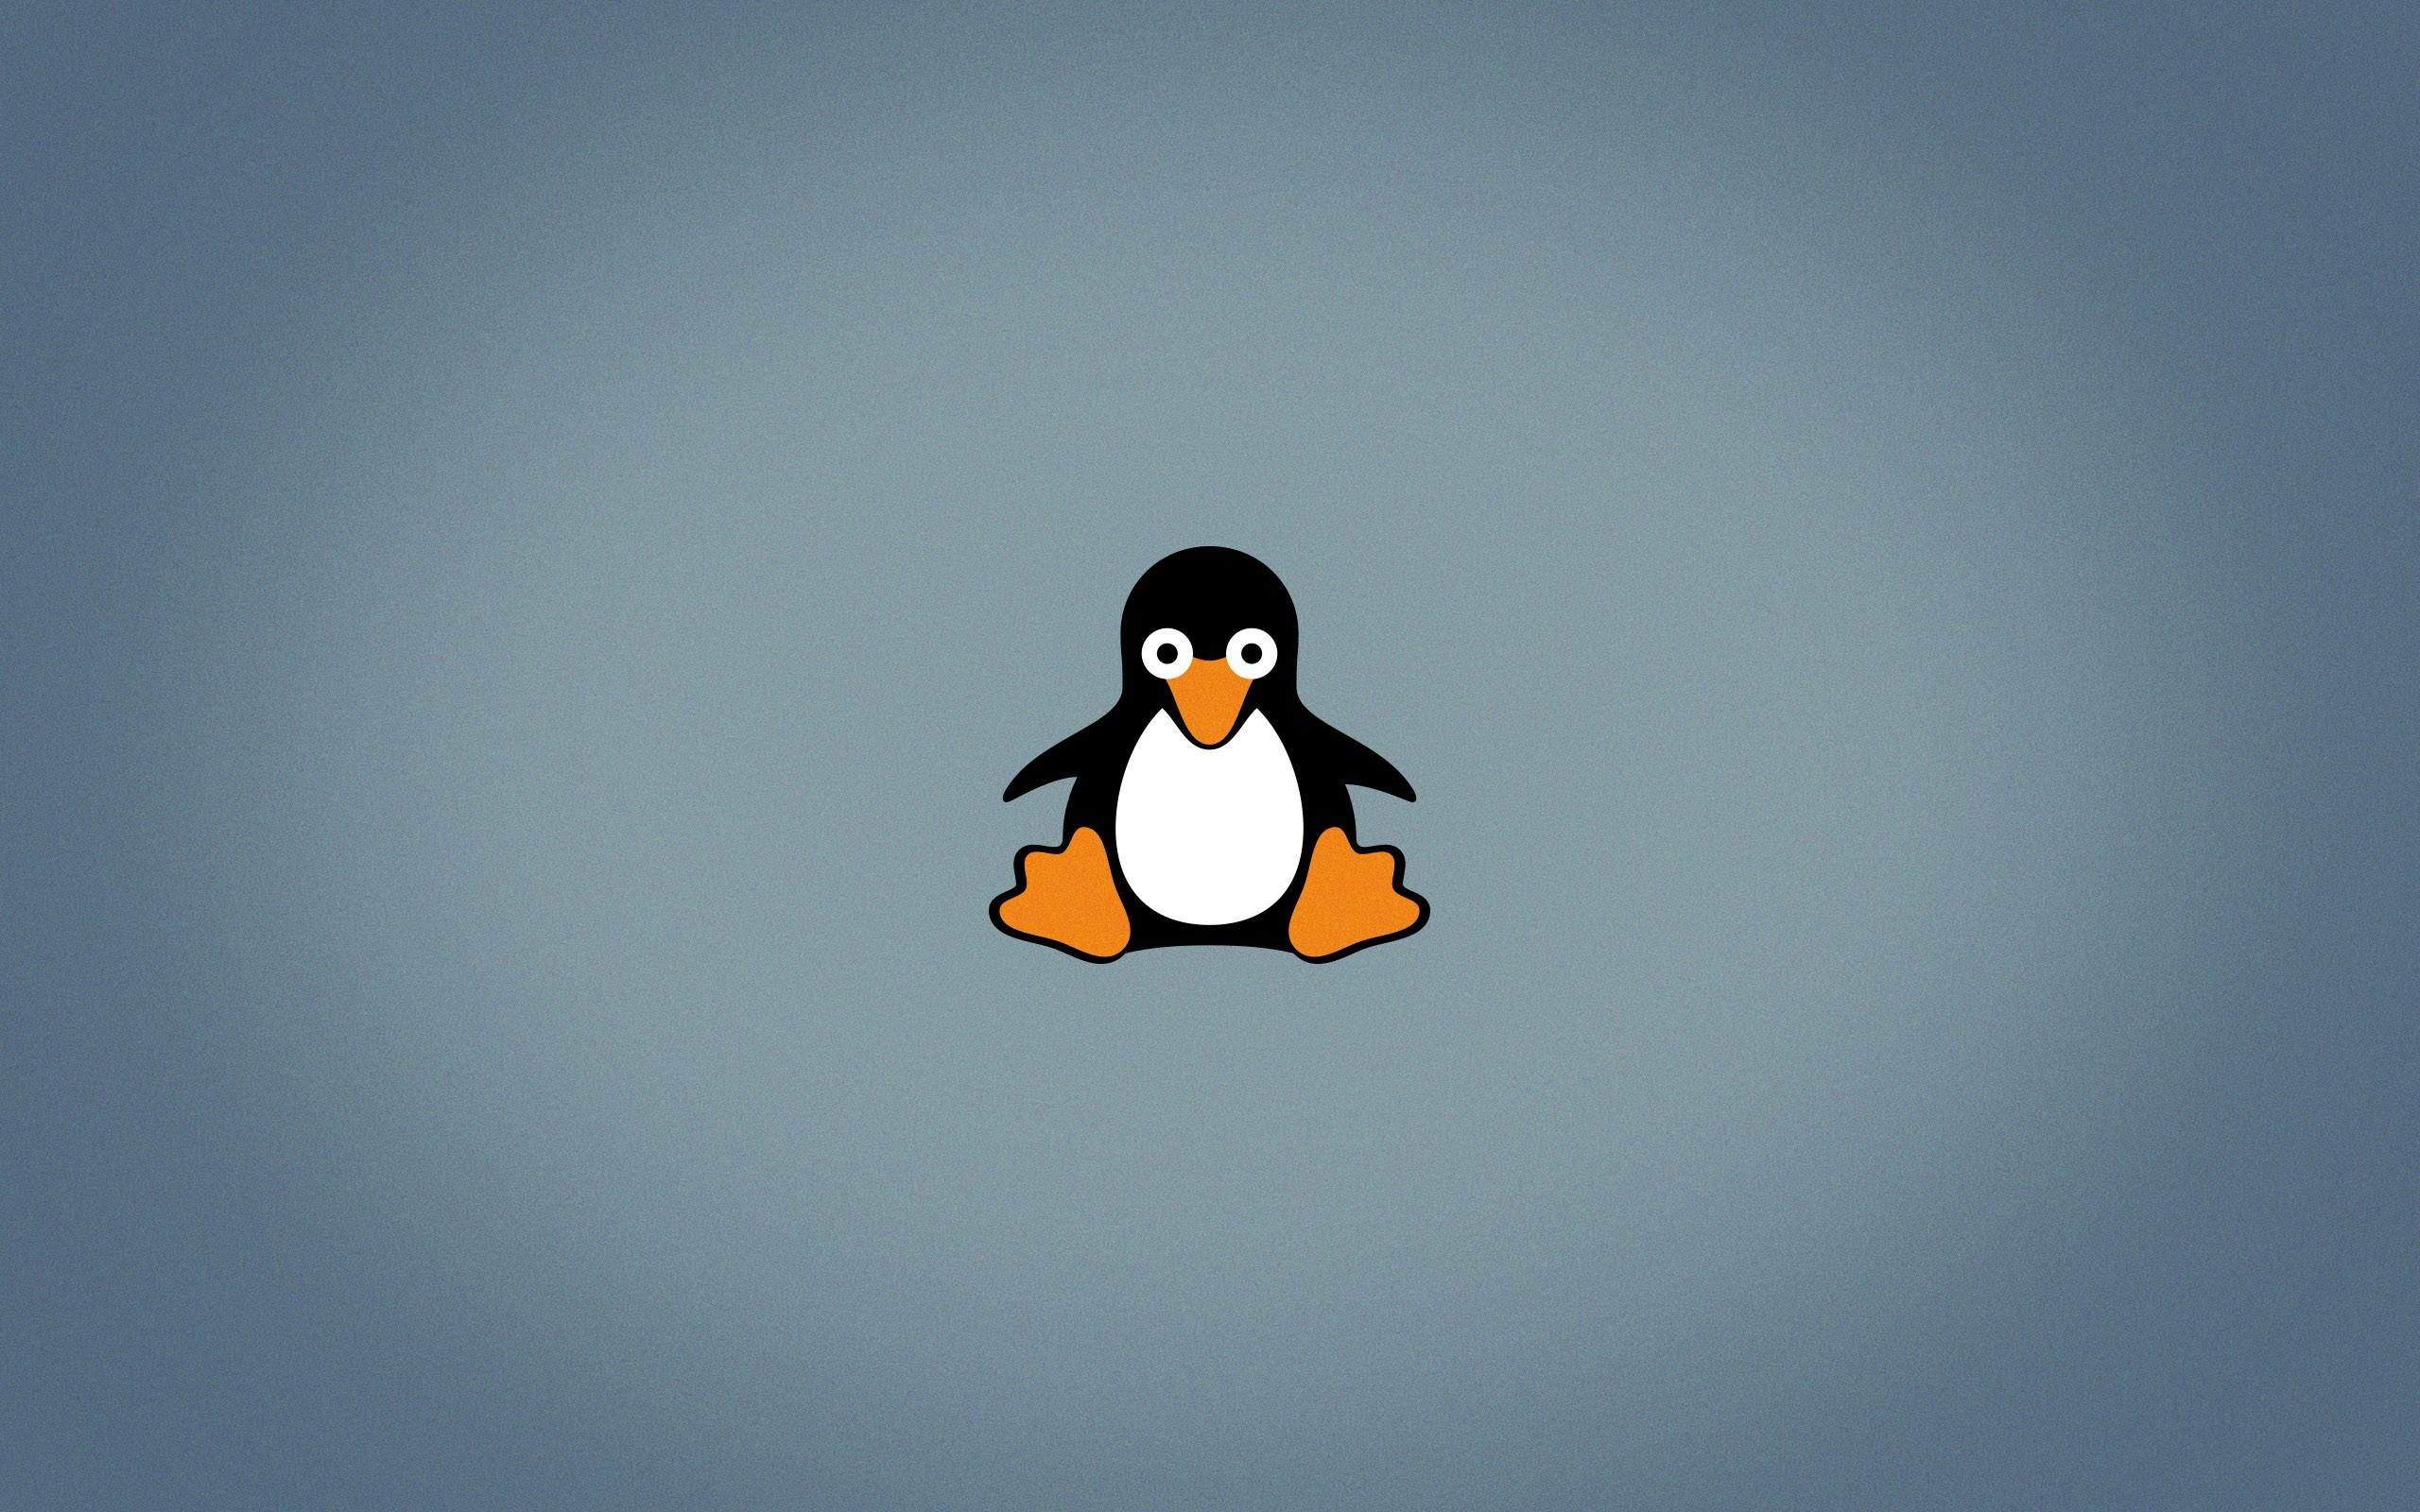 デスクトップ壁紙 図 ペンギン ロゴ 青 漫画 Linux タックス